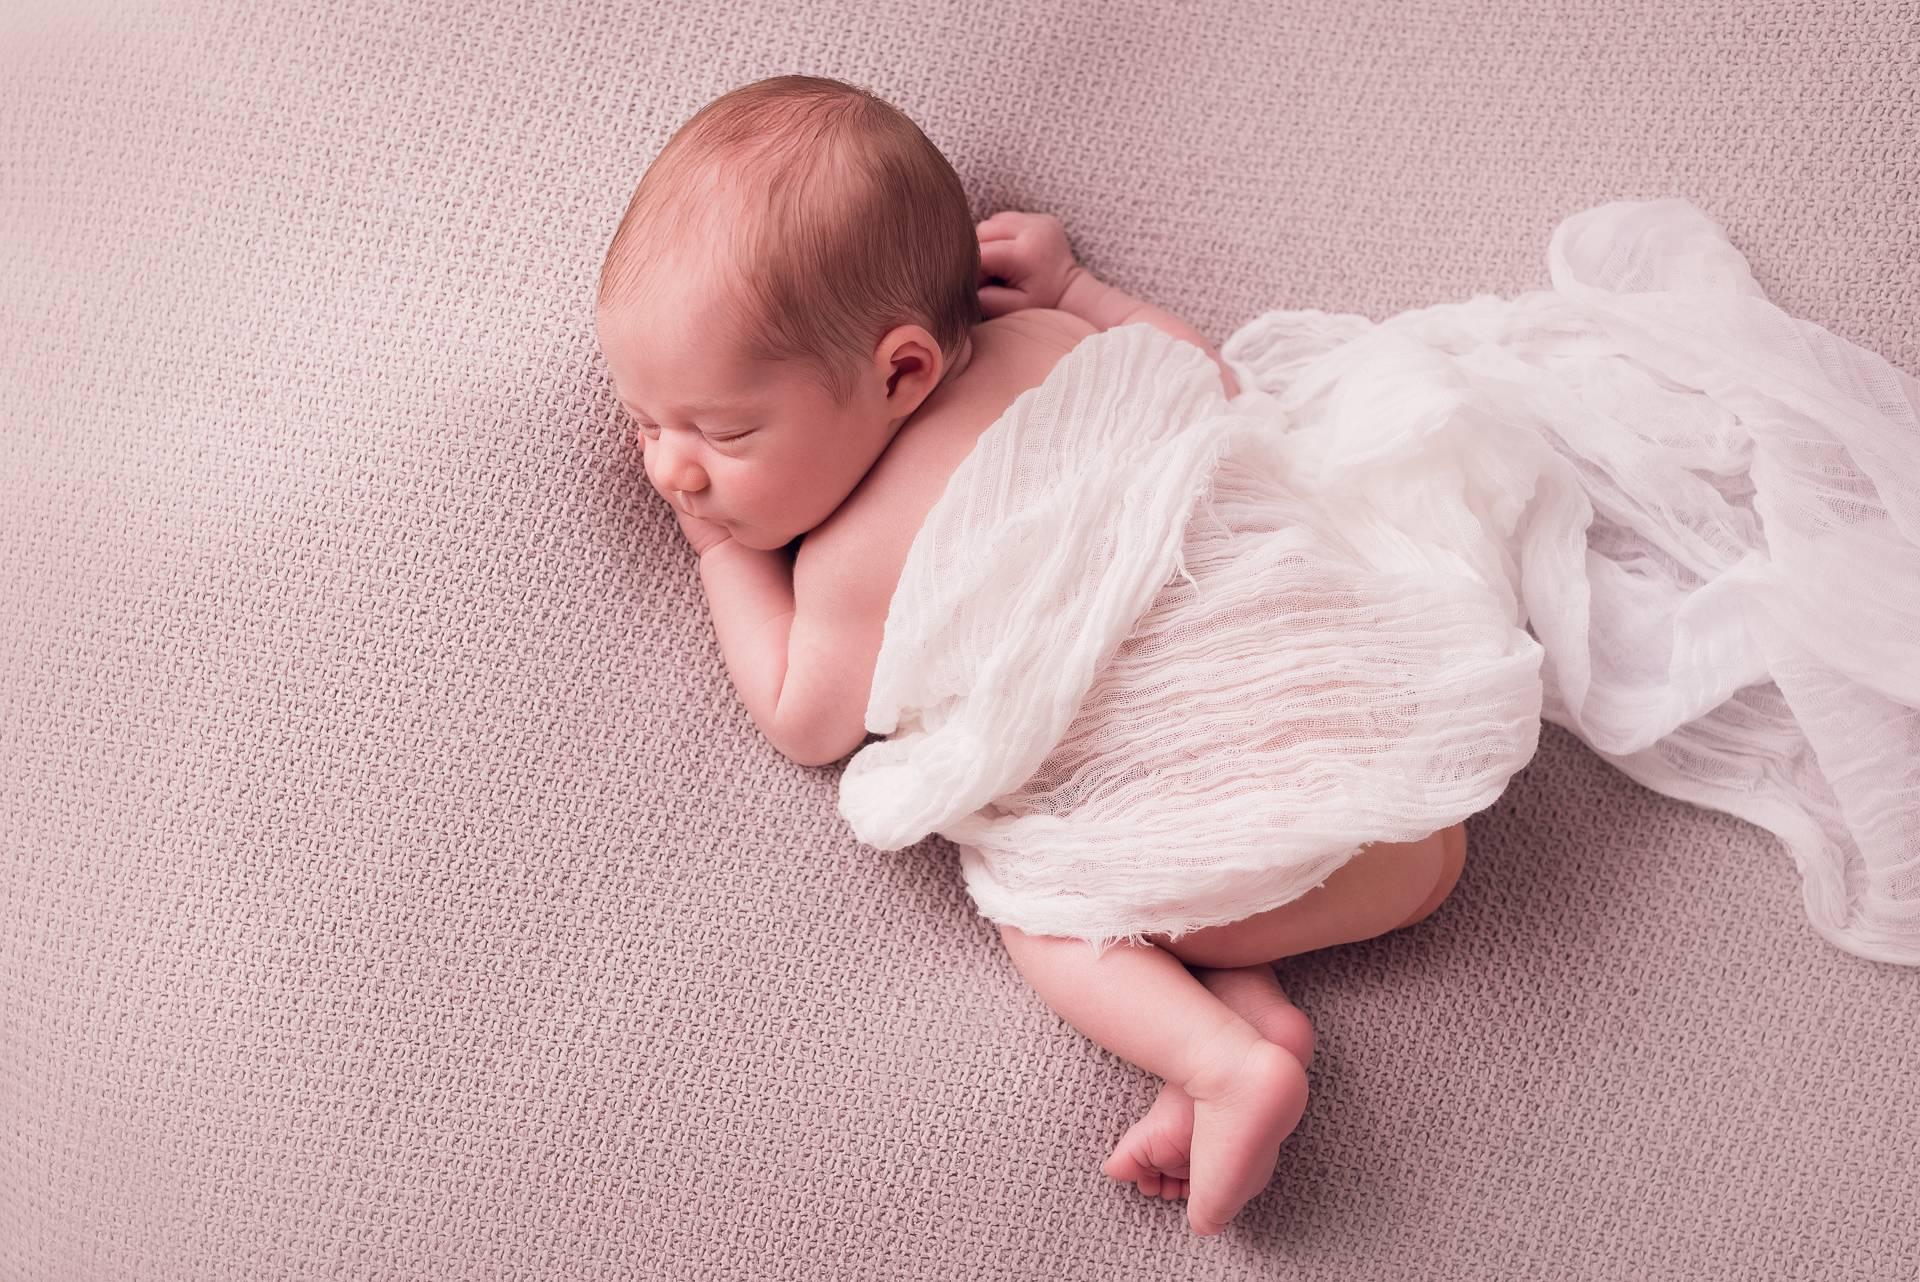 séance naissance photographe brest petits minois